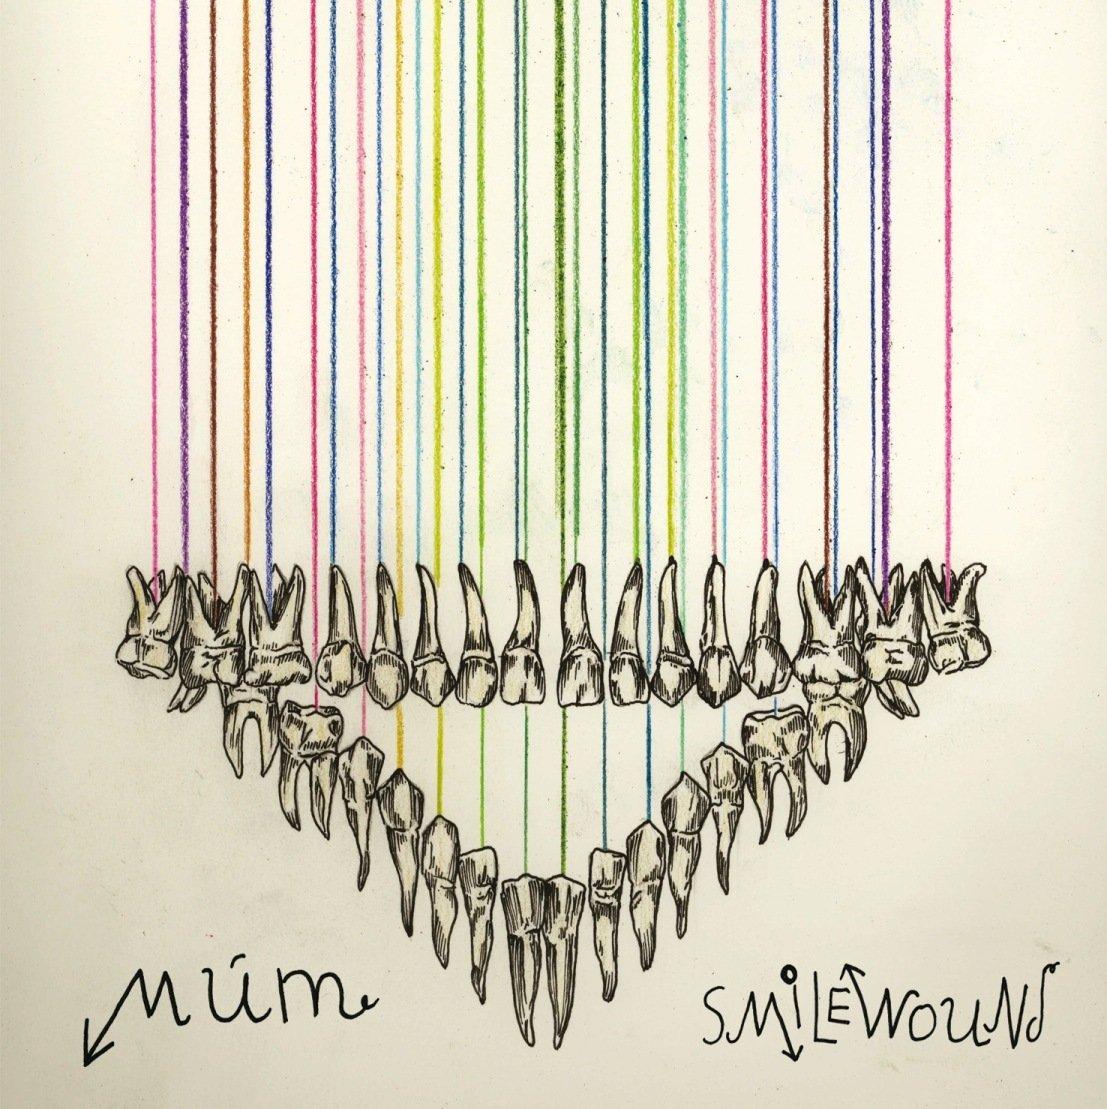 mum-Smilewound